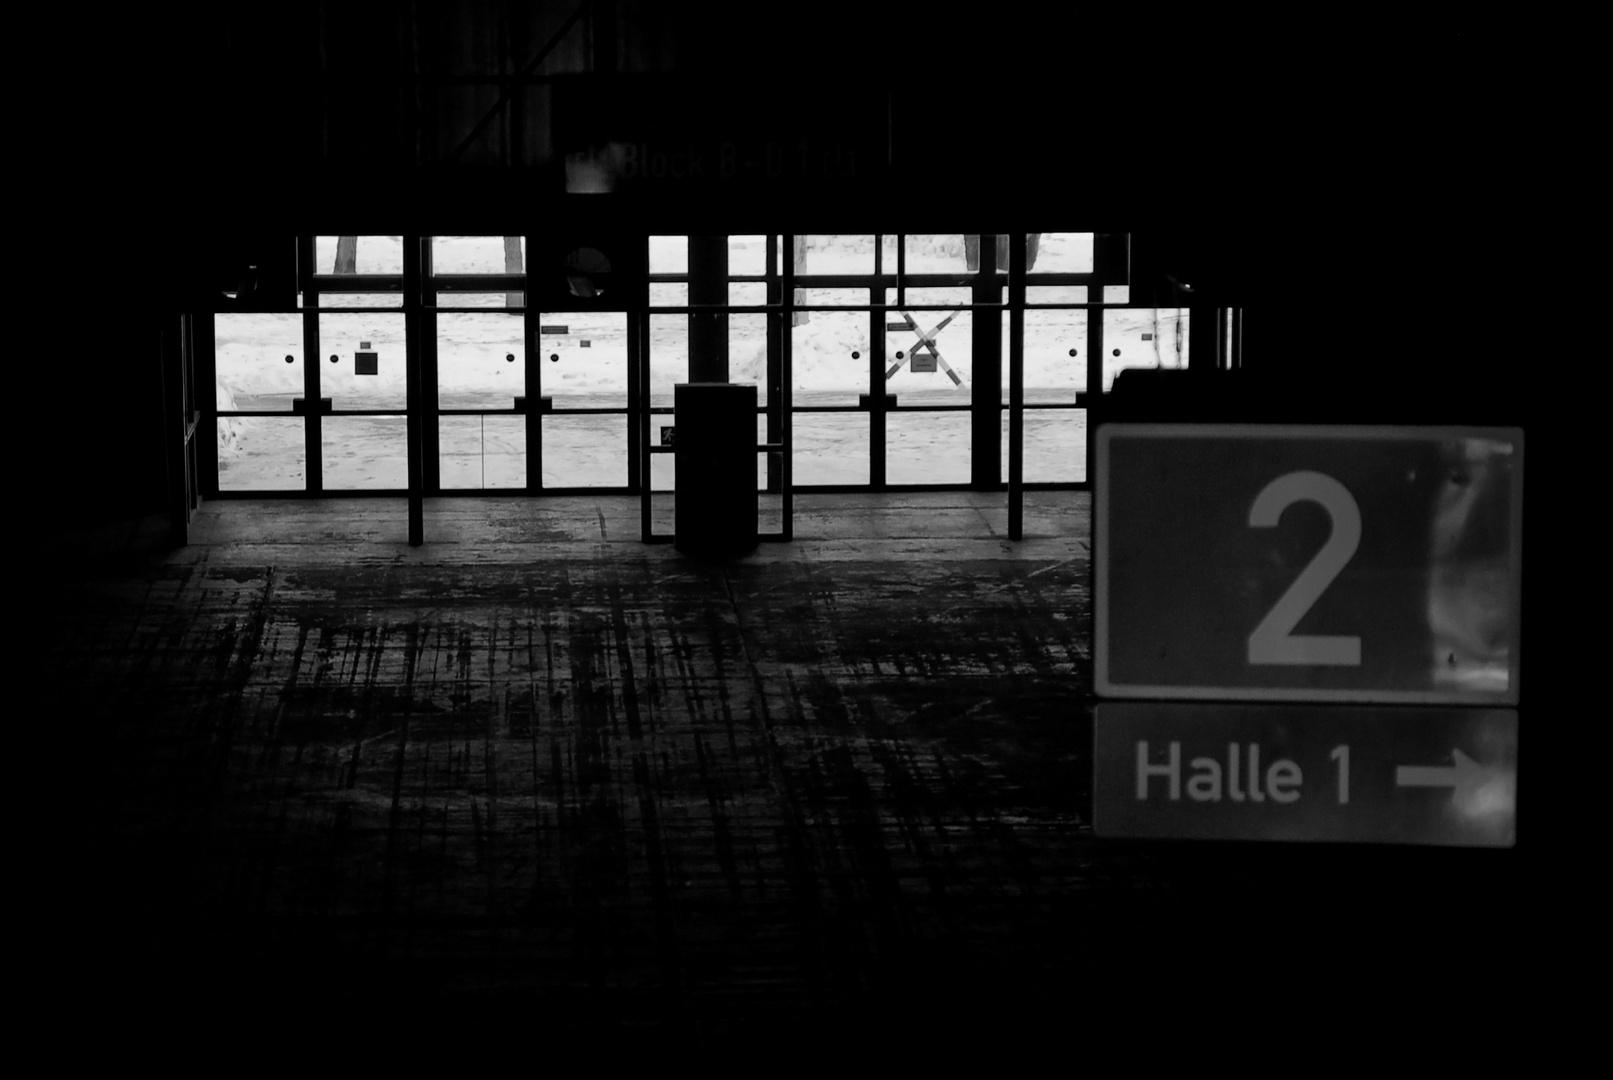 Halle.2.